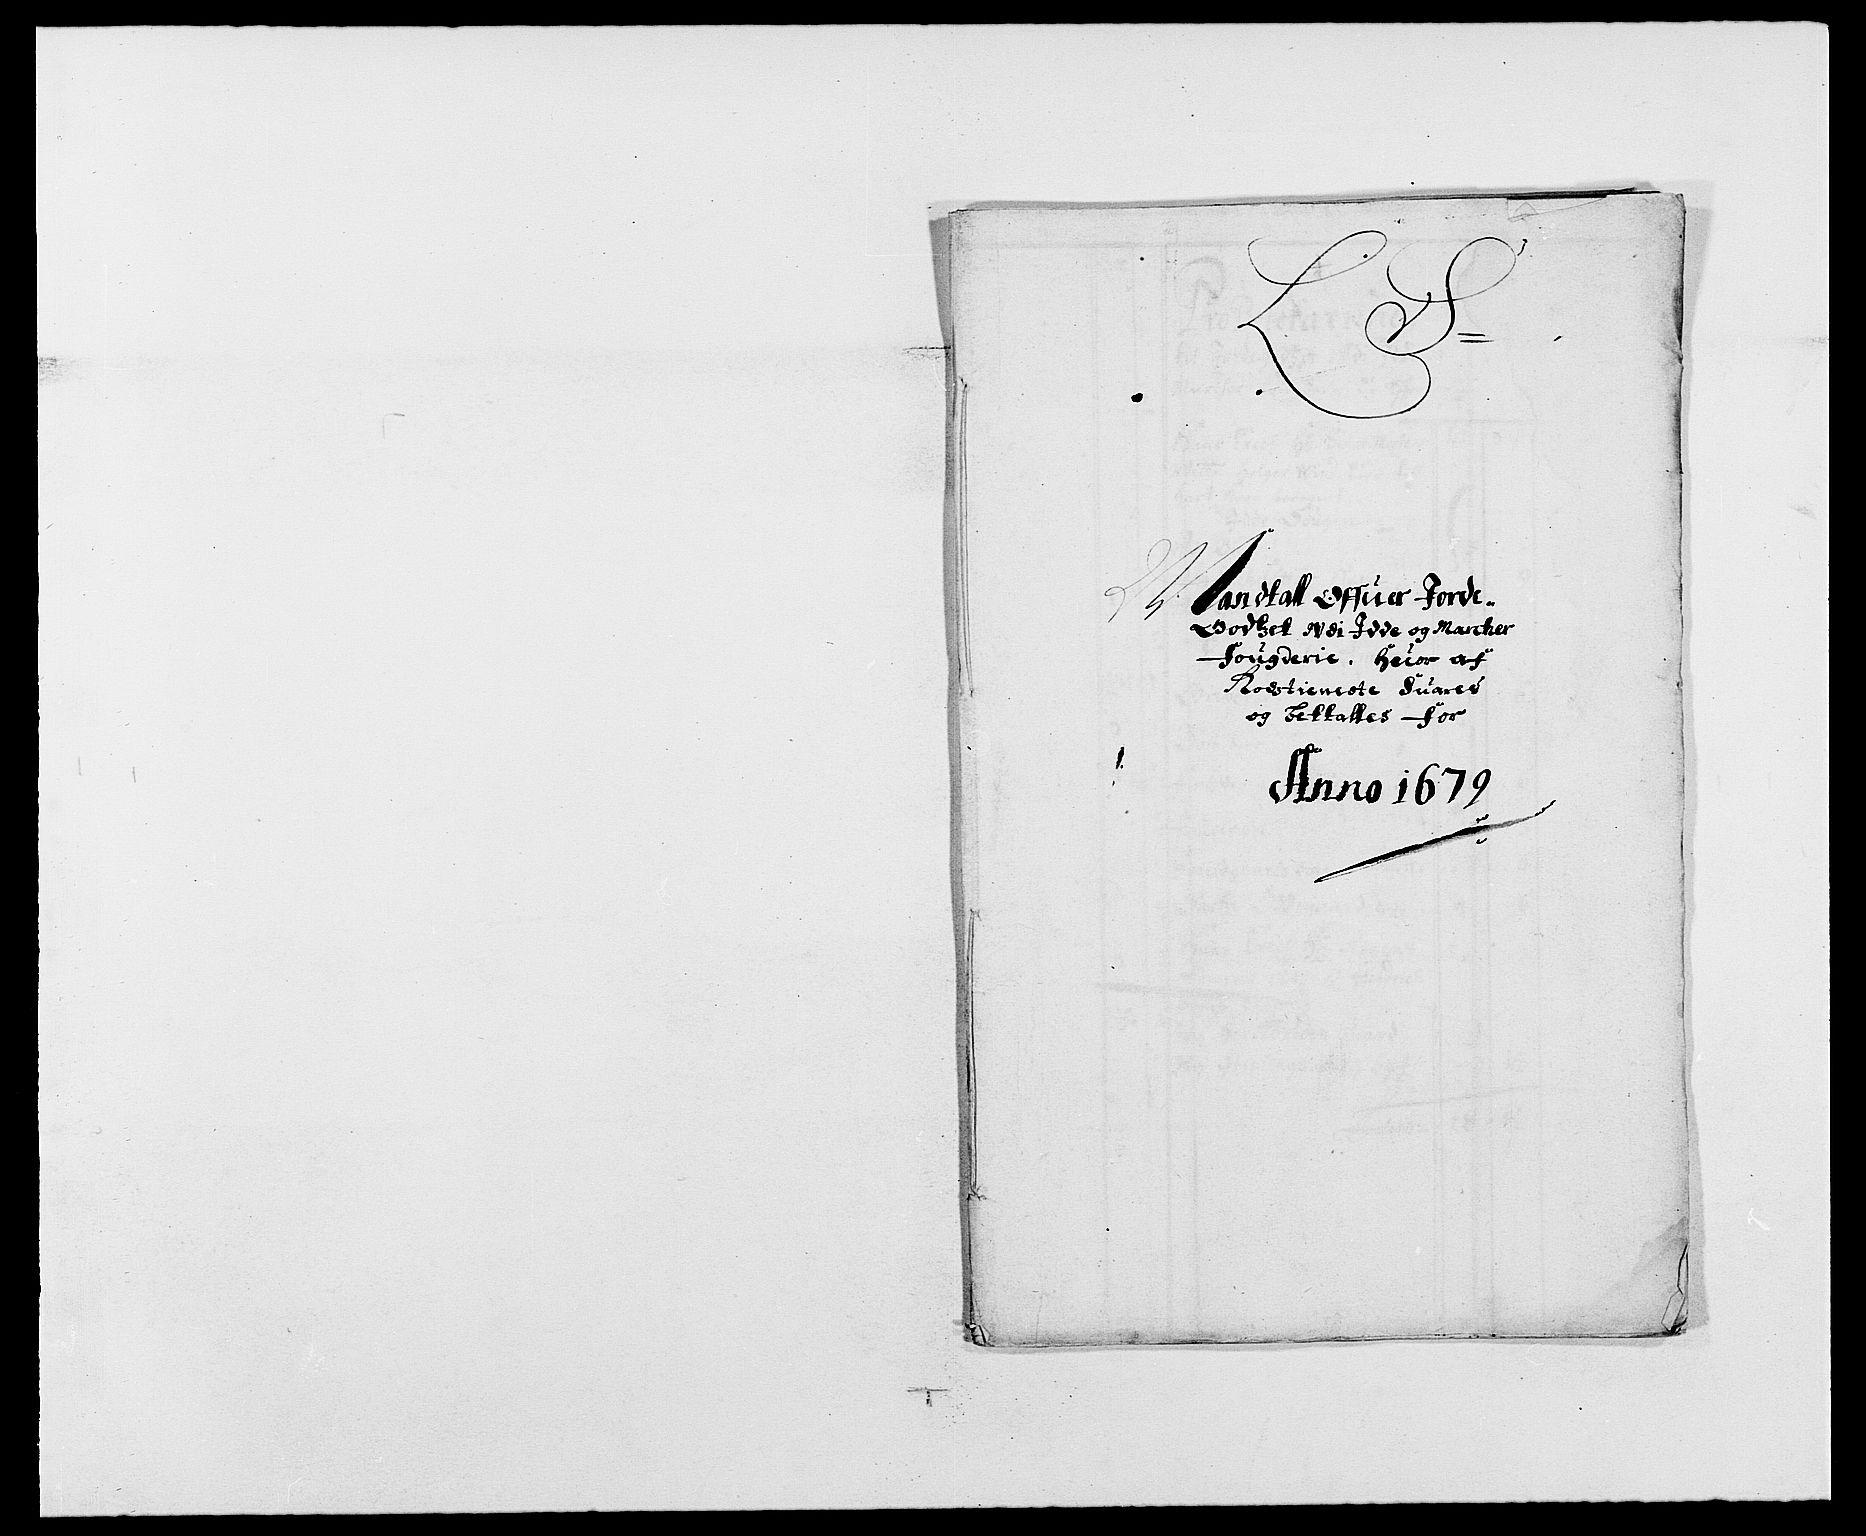 RA, Rentekammeret inntil 1814, Reviderte regnskaper, Fogderegnskap, R01/L0001: Fogderegnskap Idd og Marker, 1678-1679, s. 449